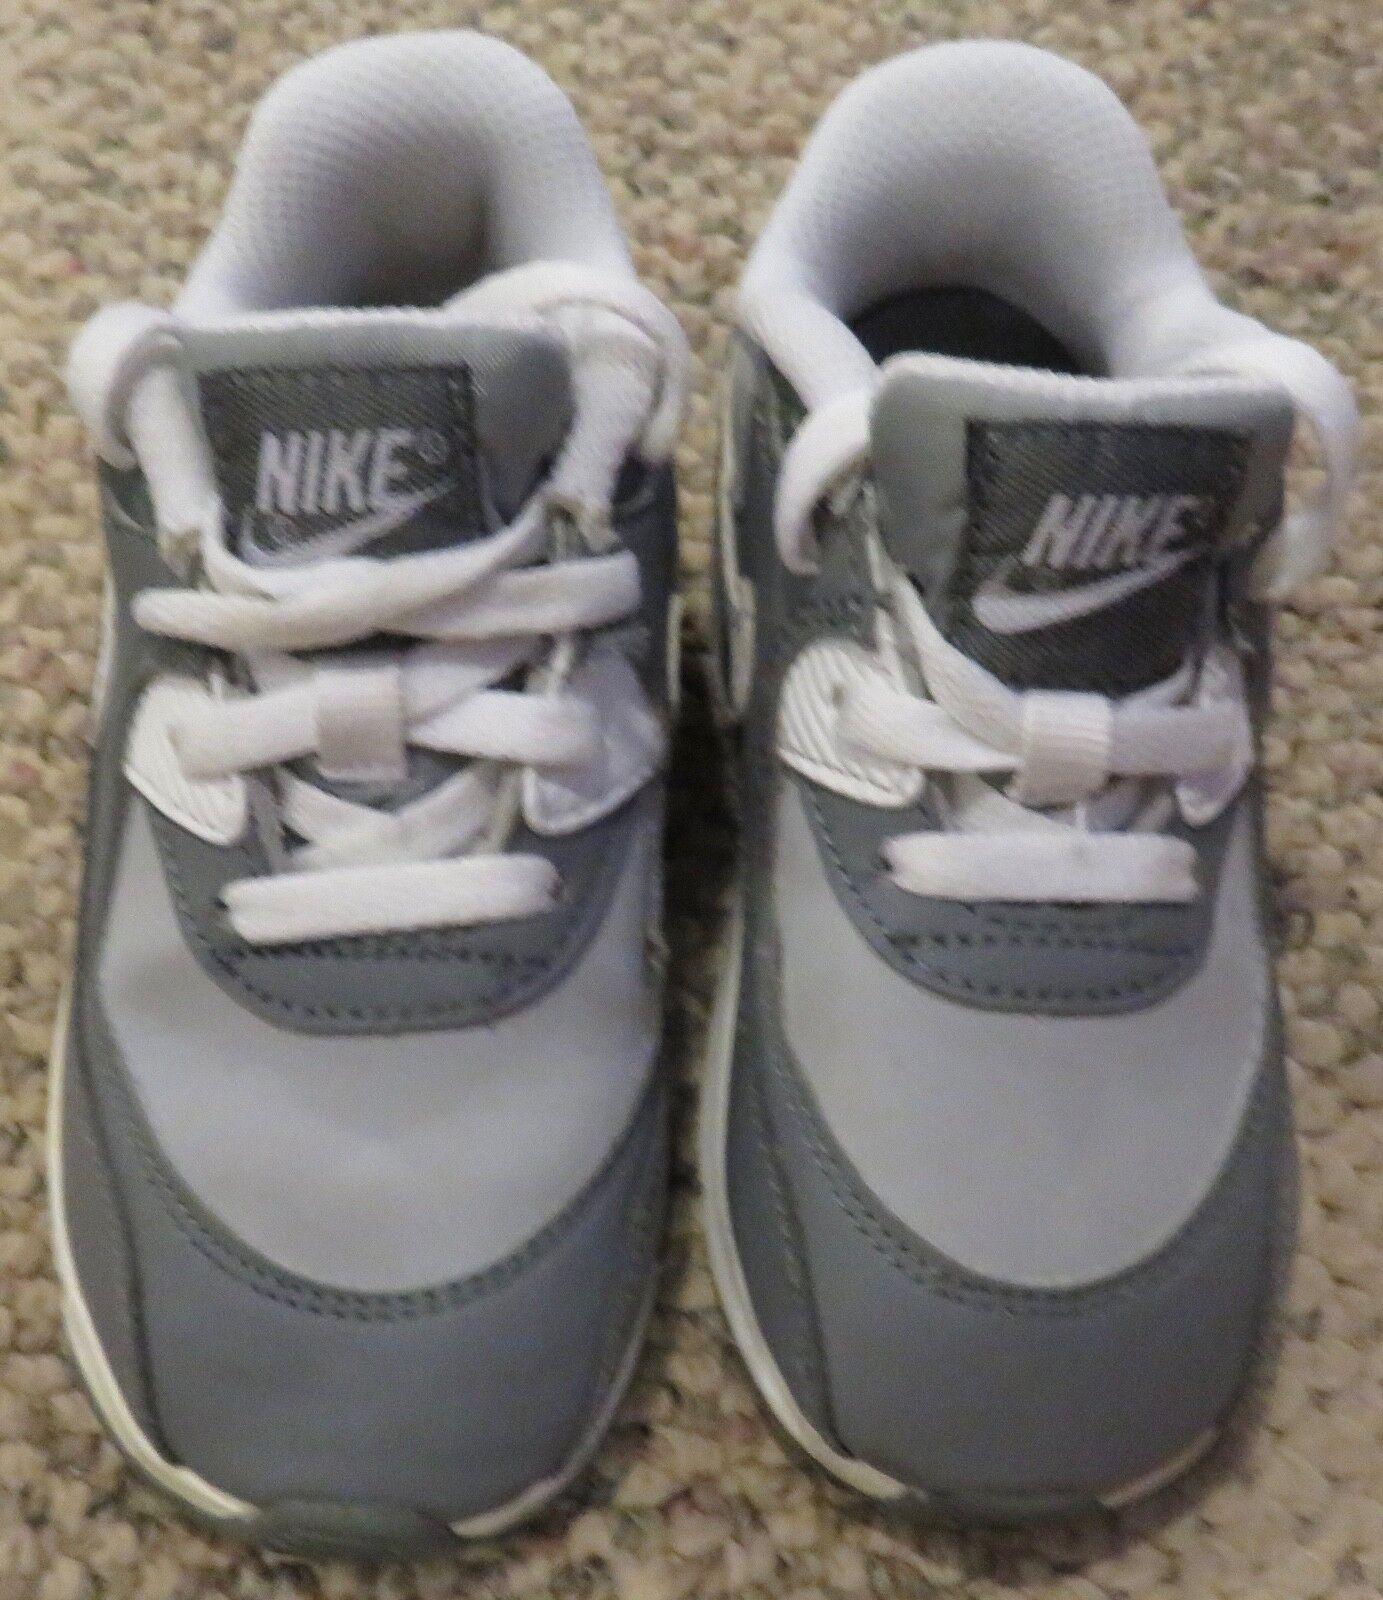 Zapatilla Nike Air Max para niños pequeños gris Tamaño 8C Nuevo